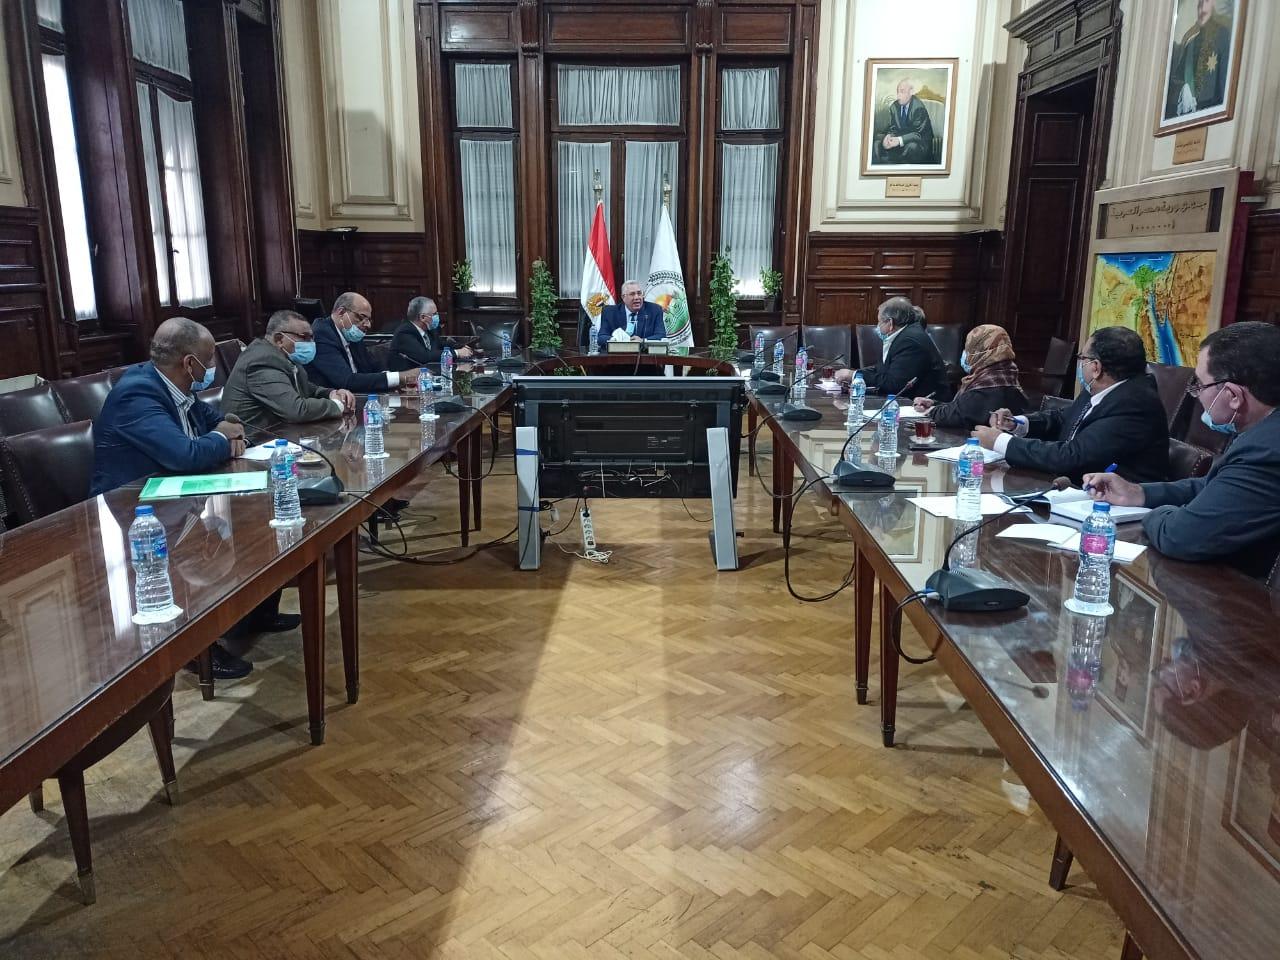 وزير الزراعة يبحث خطة النهوض بمحصول قصب السكر وتحقيق أعلى إنتاجية تنفيذا لتكليفات الرئيس السيسي